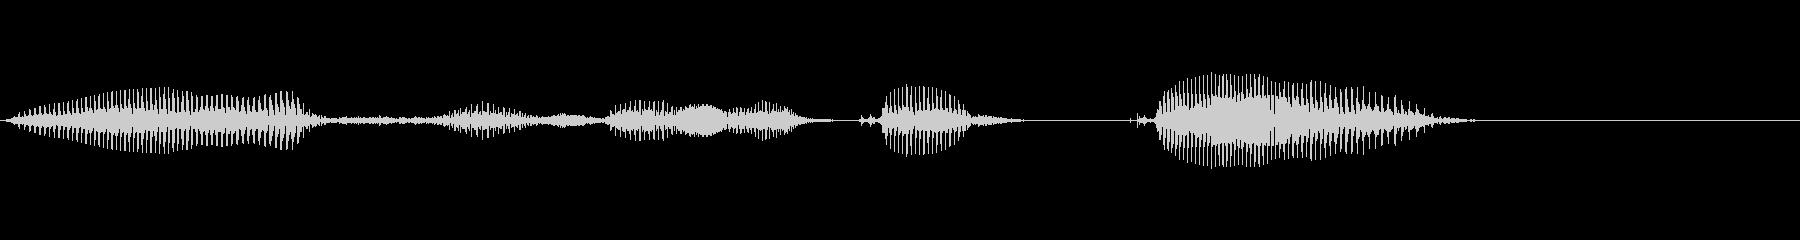 ハサミとって_女性津軽弁2の未再生の波形